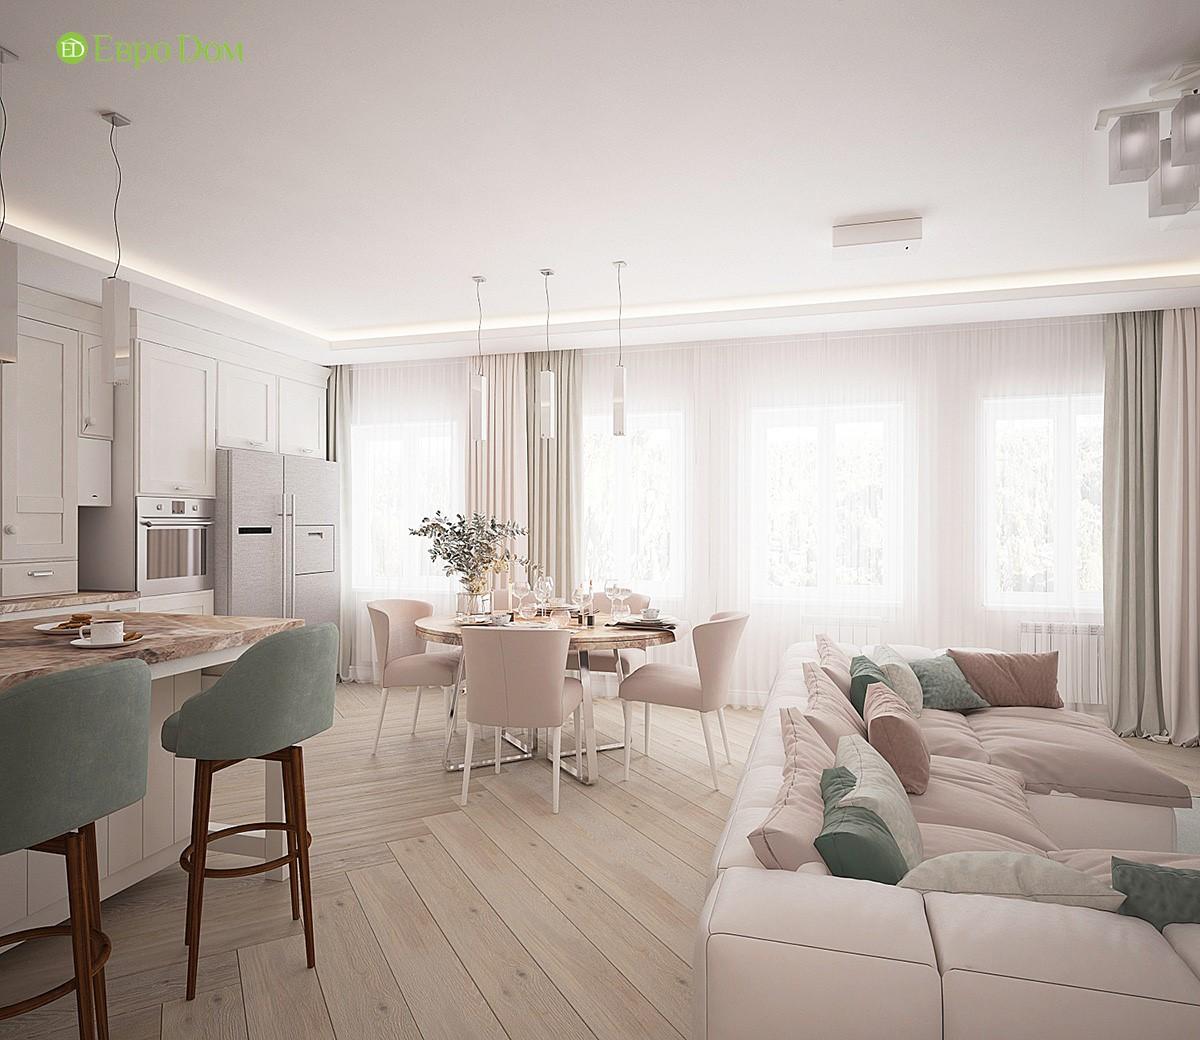 современный дизайн трехкомнатной квартиры с объединённой кухней-гостиной